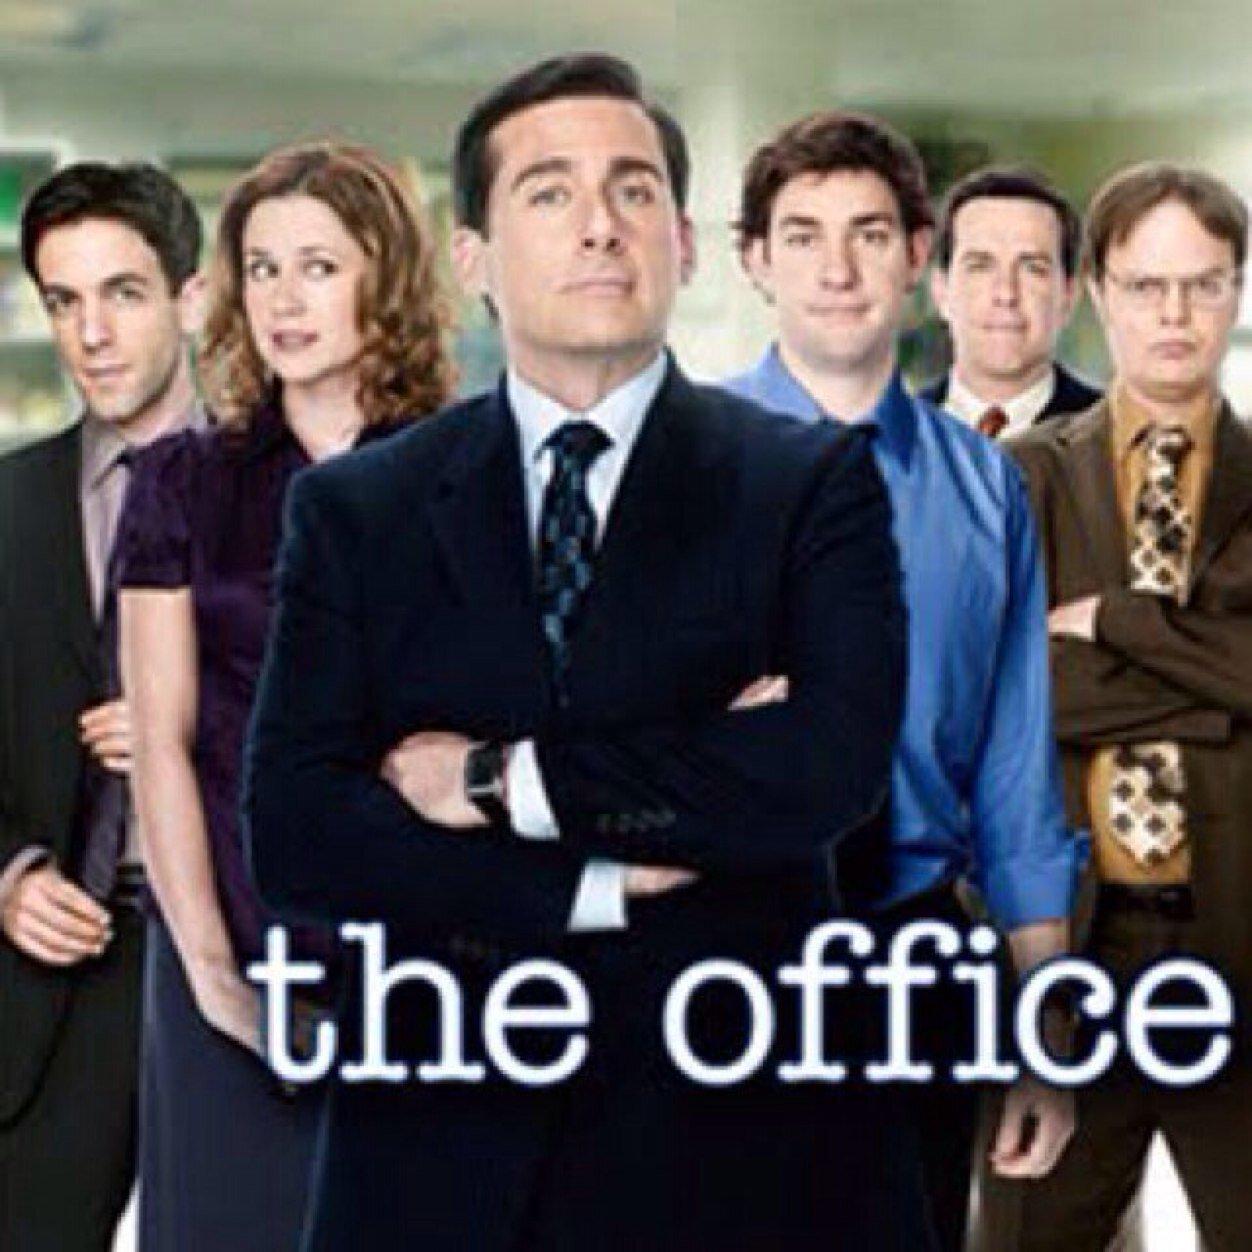 The Office Us Tv Show Season 1 9 10 Each